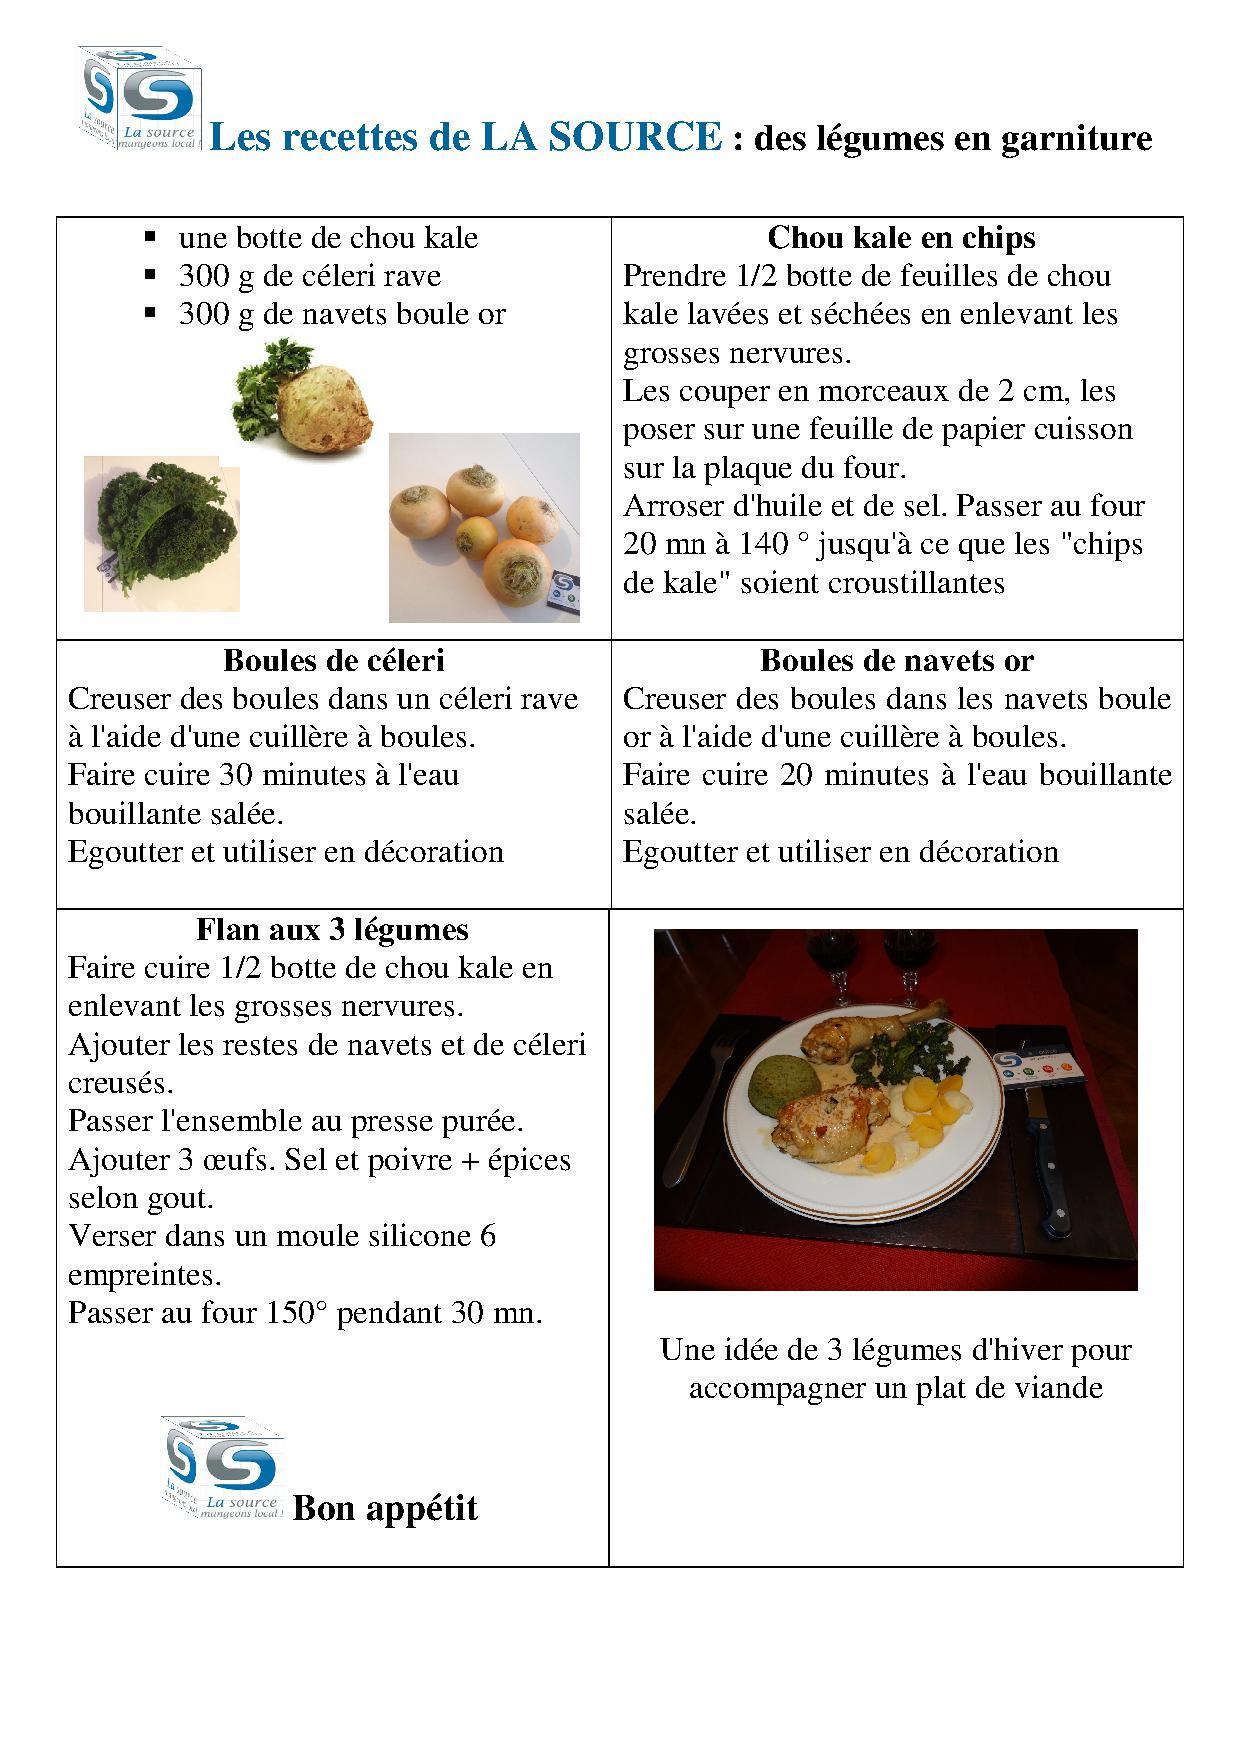 recette légumes d'hiver, velouté ou macedoine - la source normandie